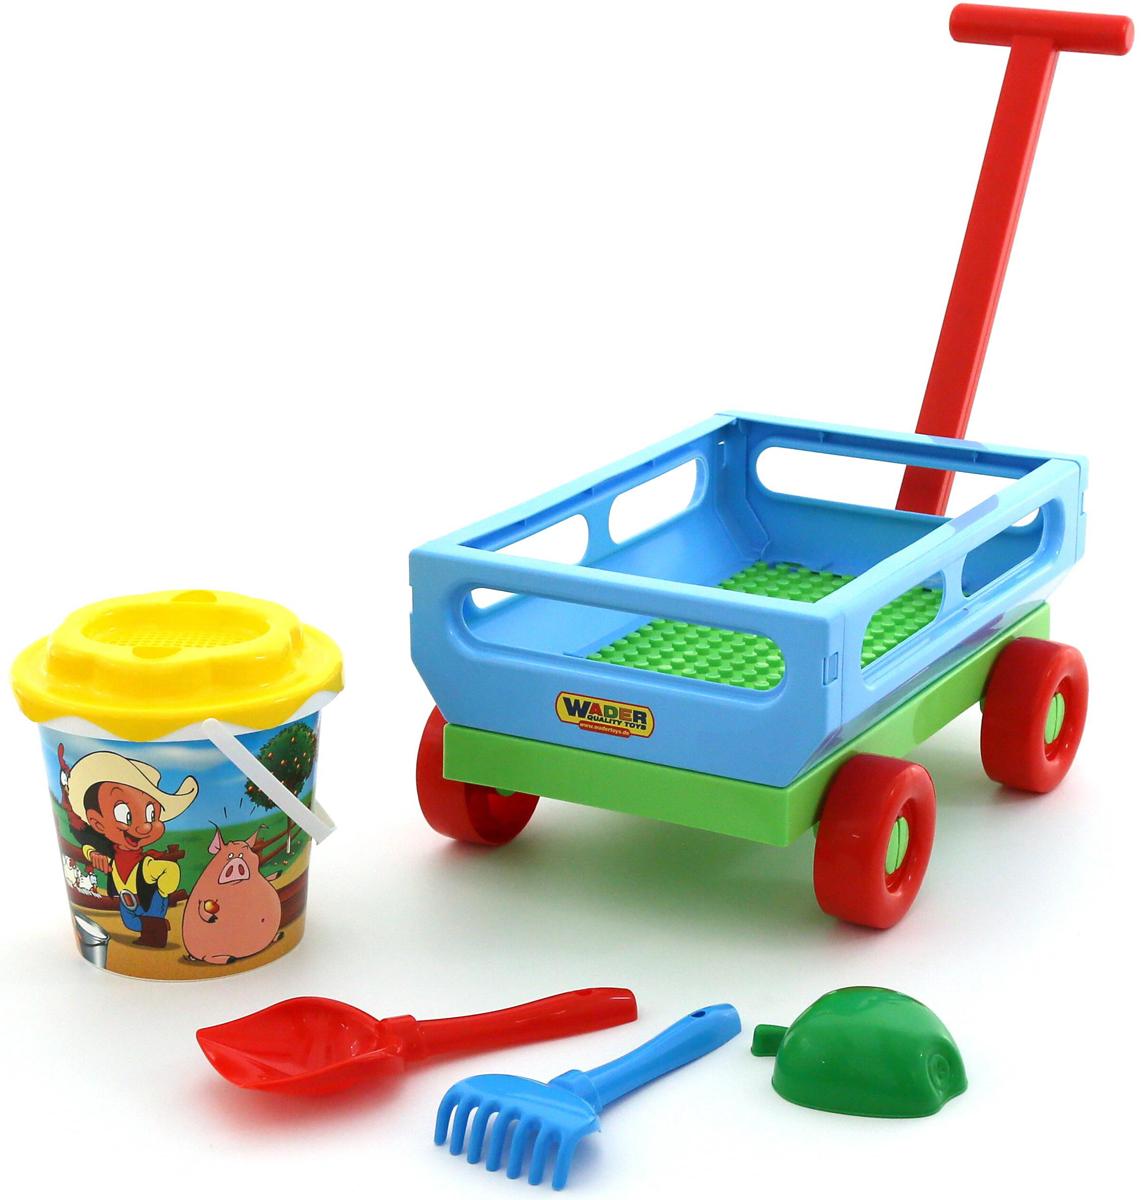 Полесье Набор игрушек для песочницы №420 - Игры на открытом воздухе